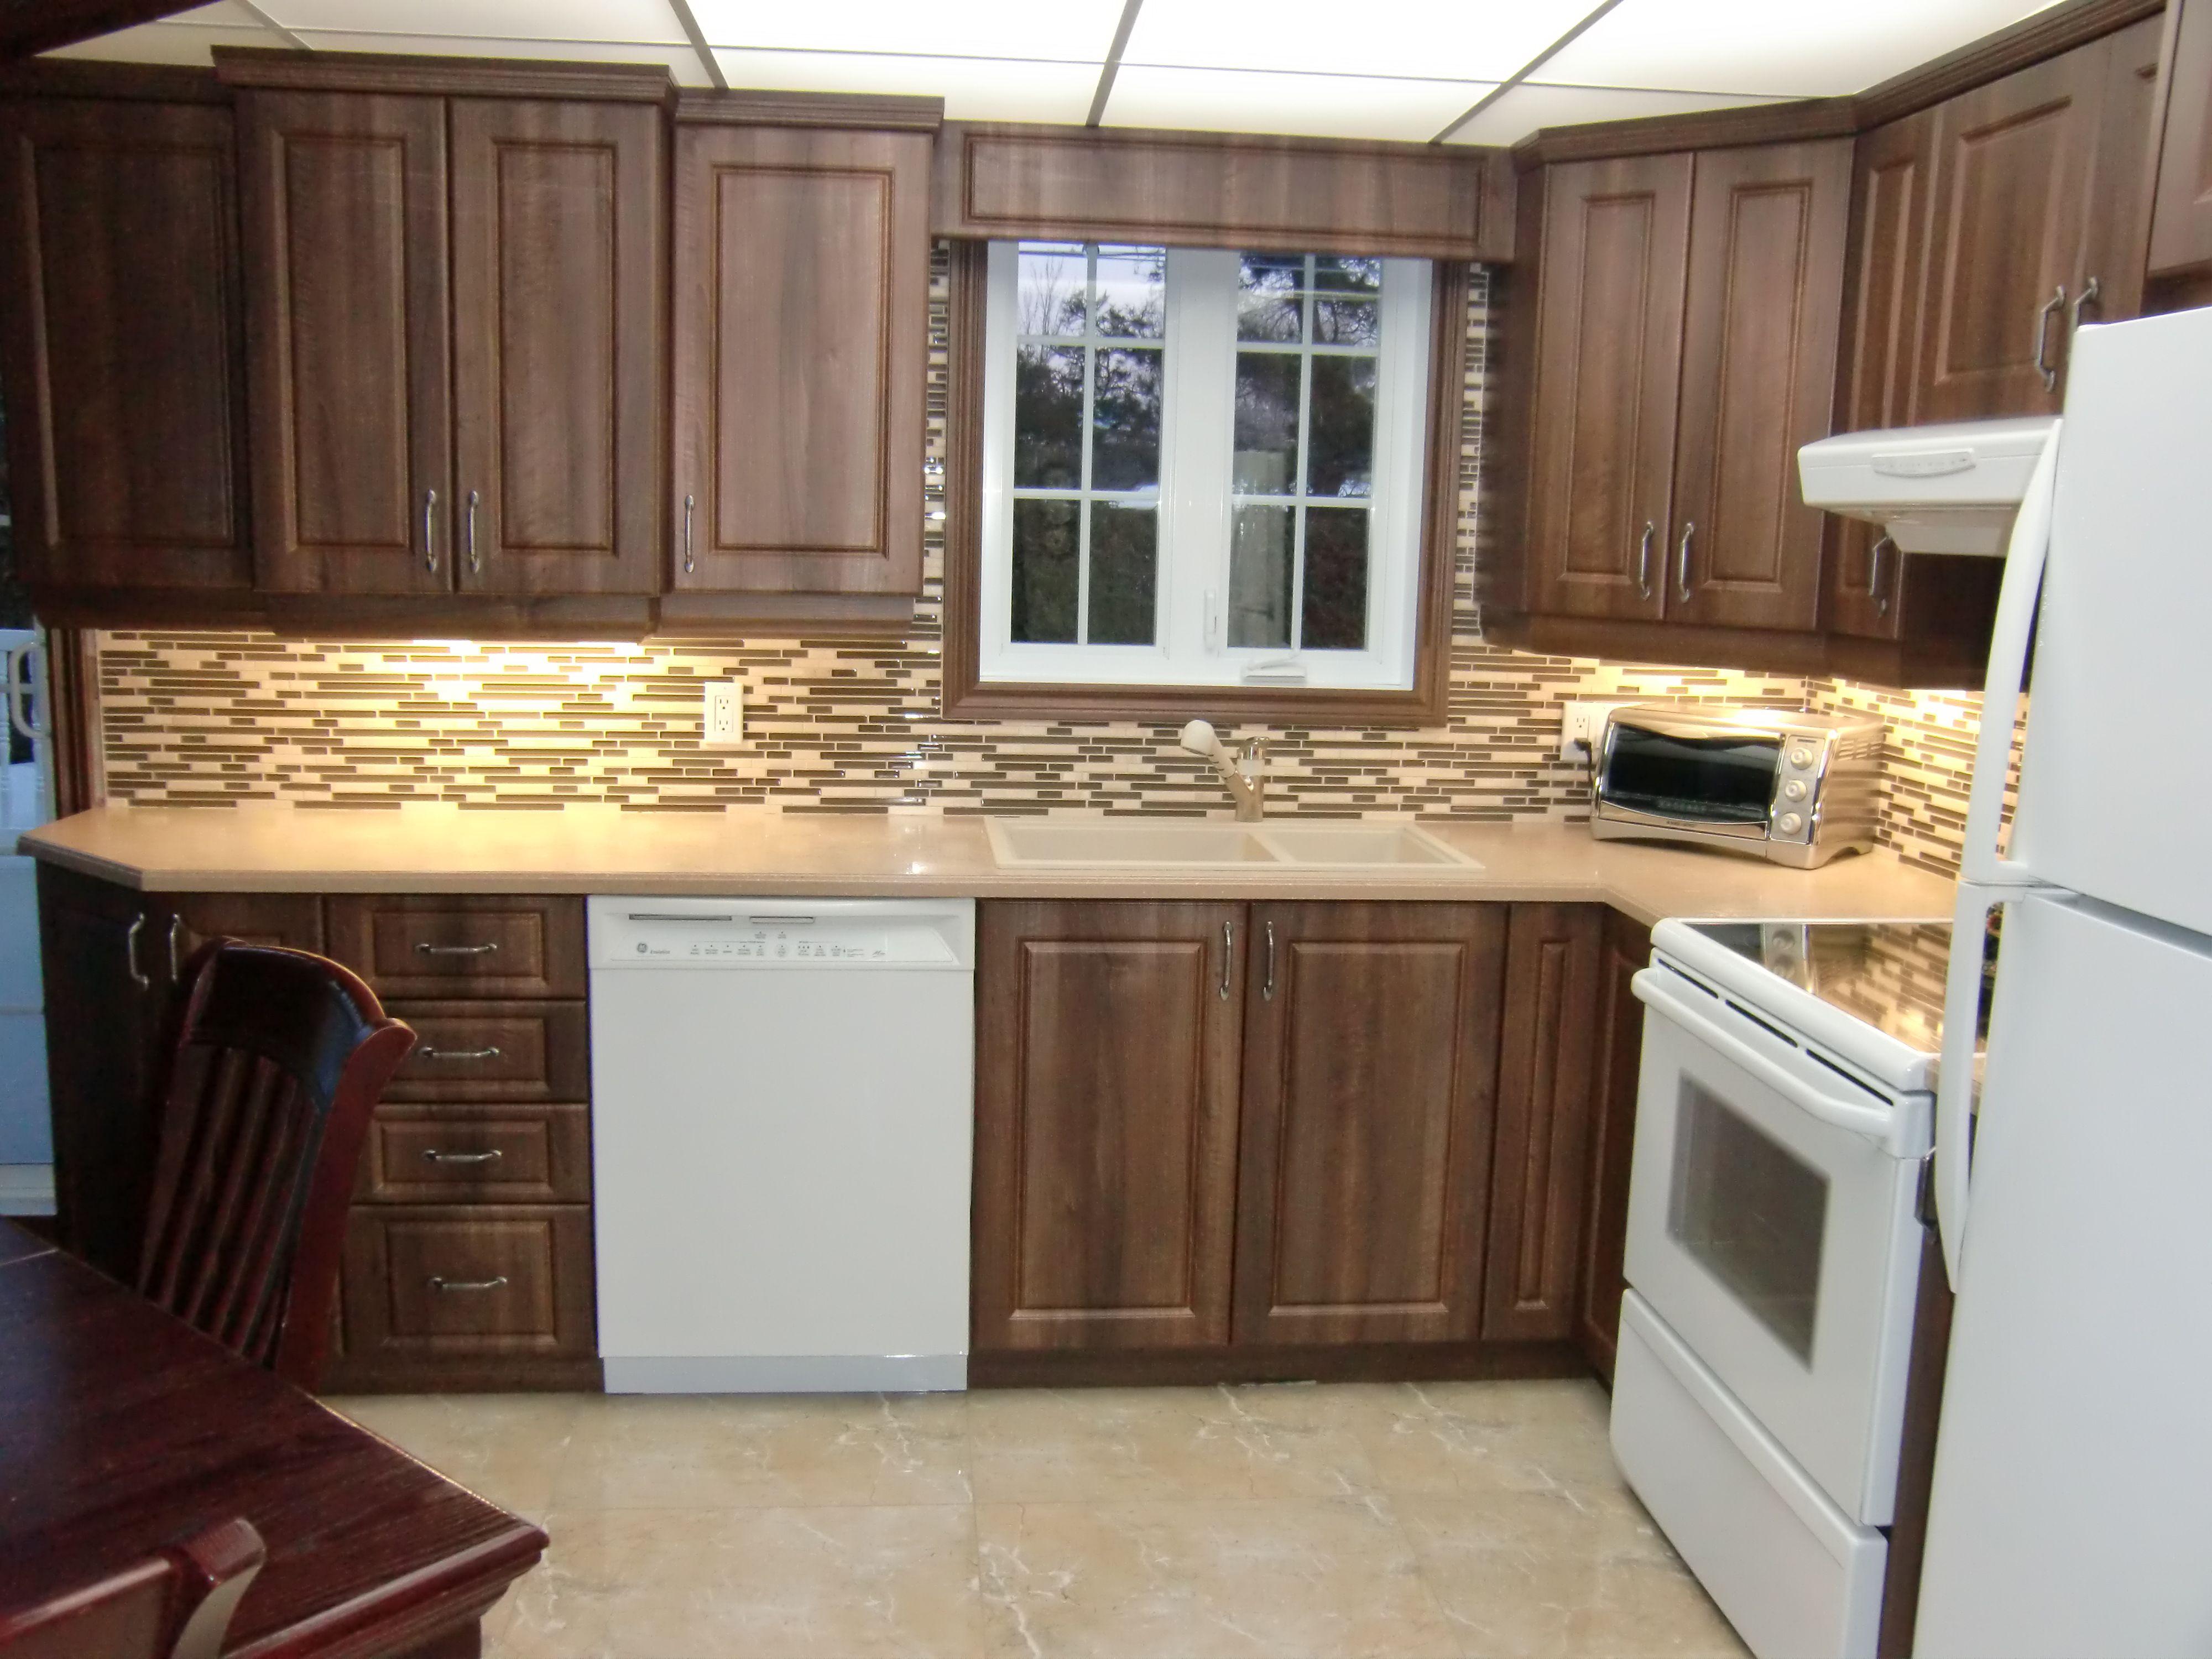 armoire de cuisine classique en thermoplastique armoire classique 2 mod le 2 pinterest. Black Bedroom Furniture Sets. Home Design Ideas